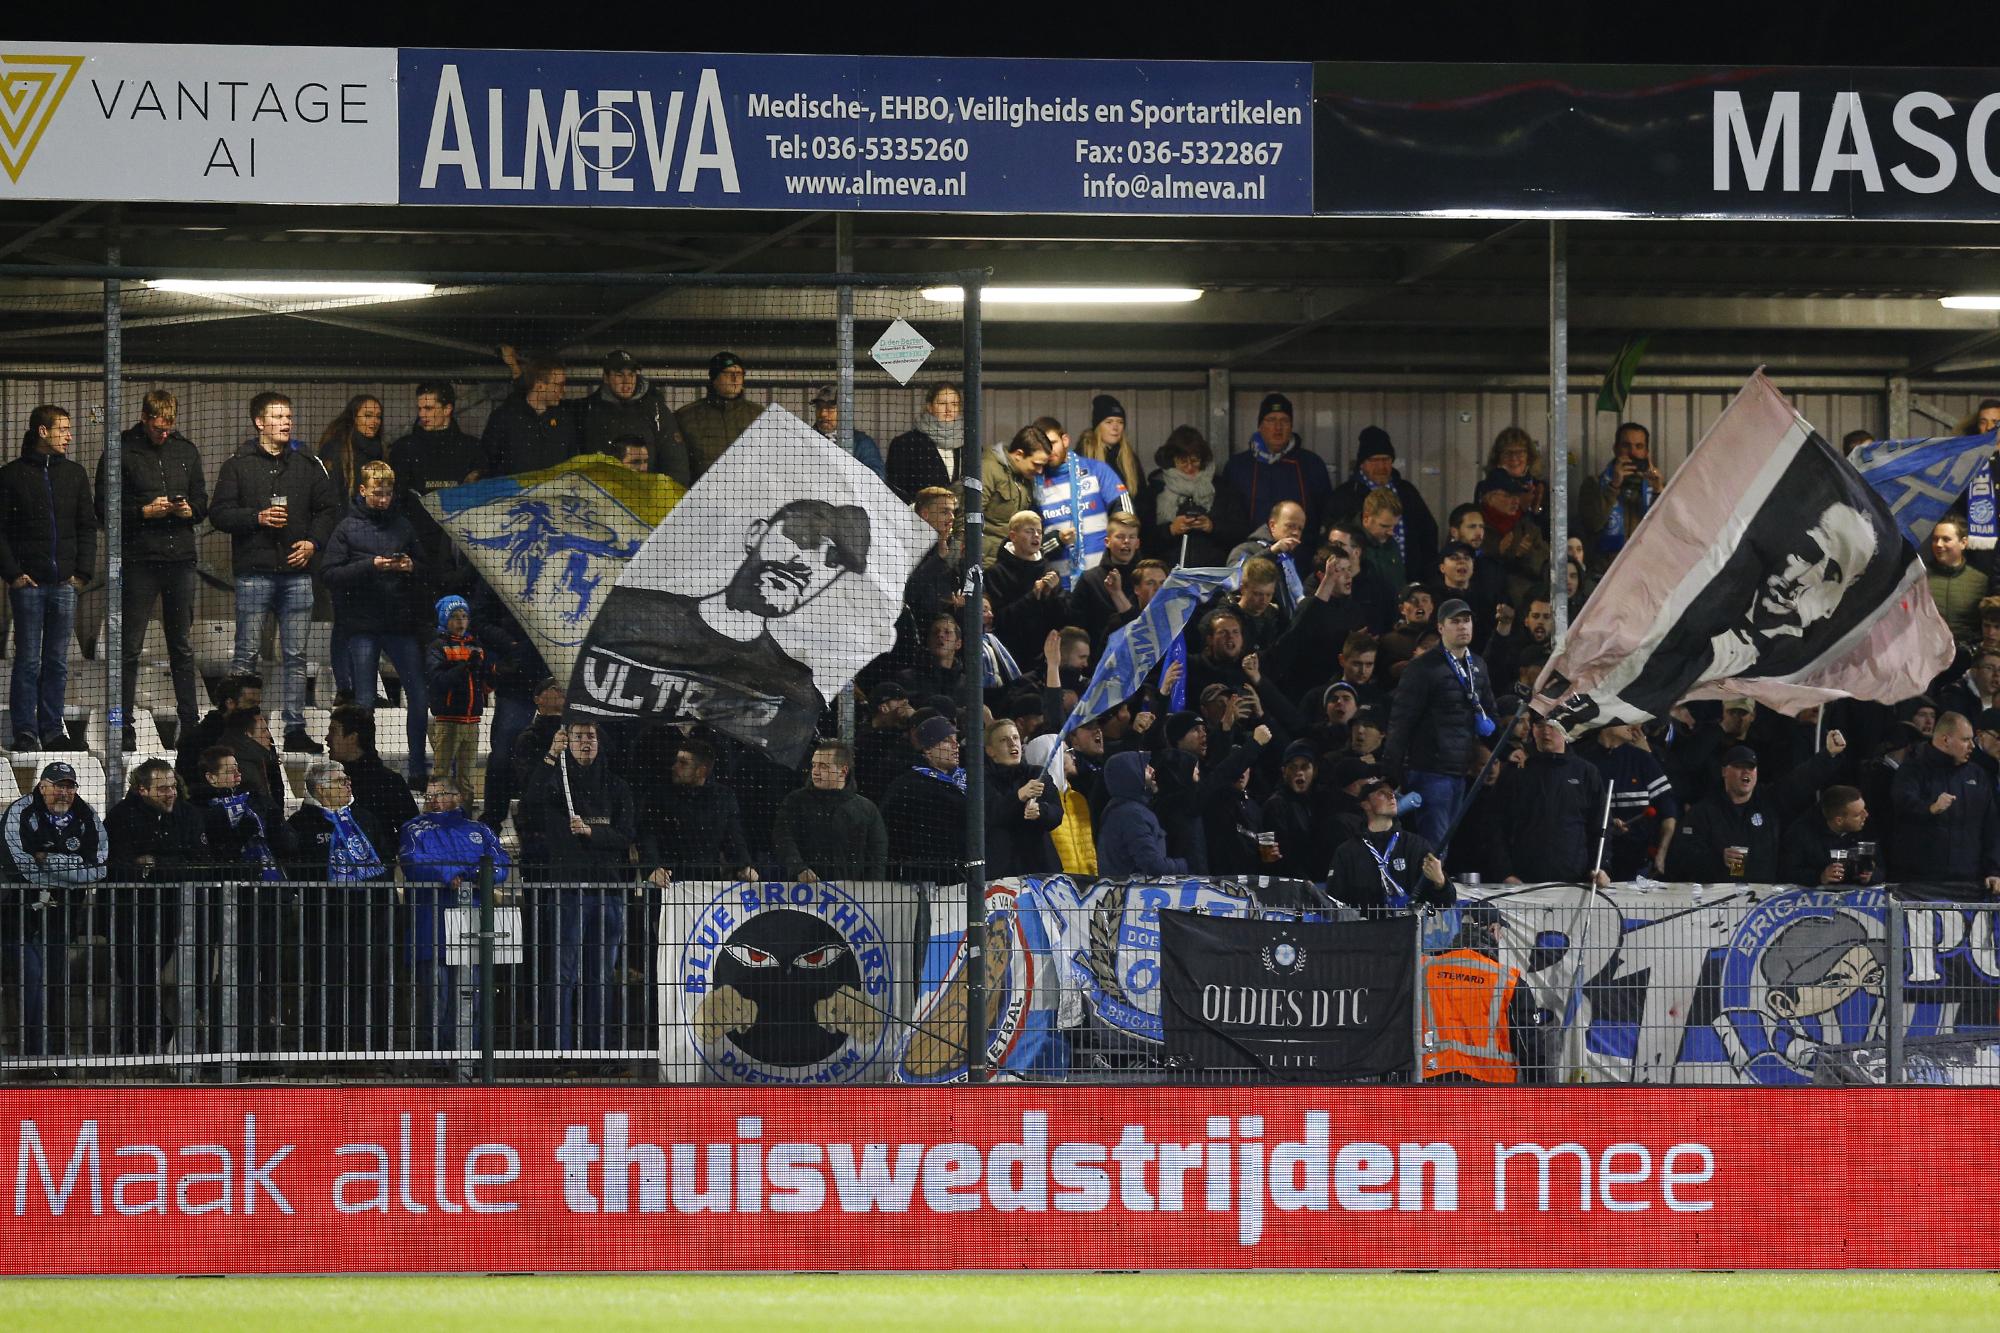 Uitvak-vs-Almere.jpg